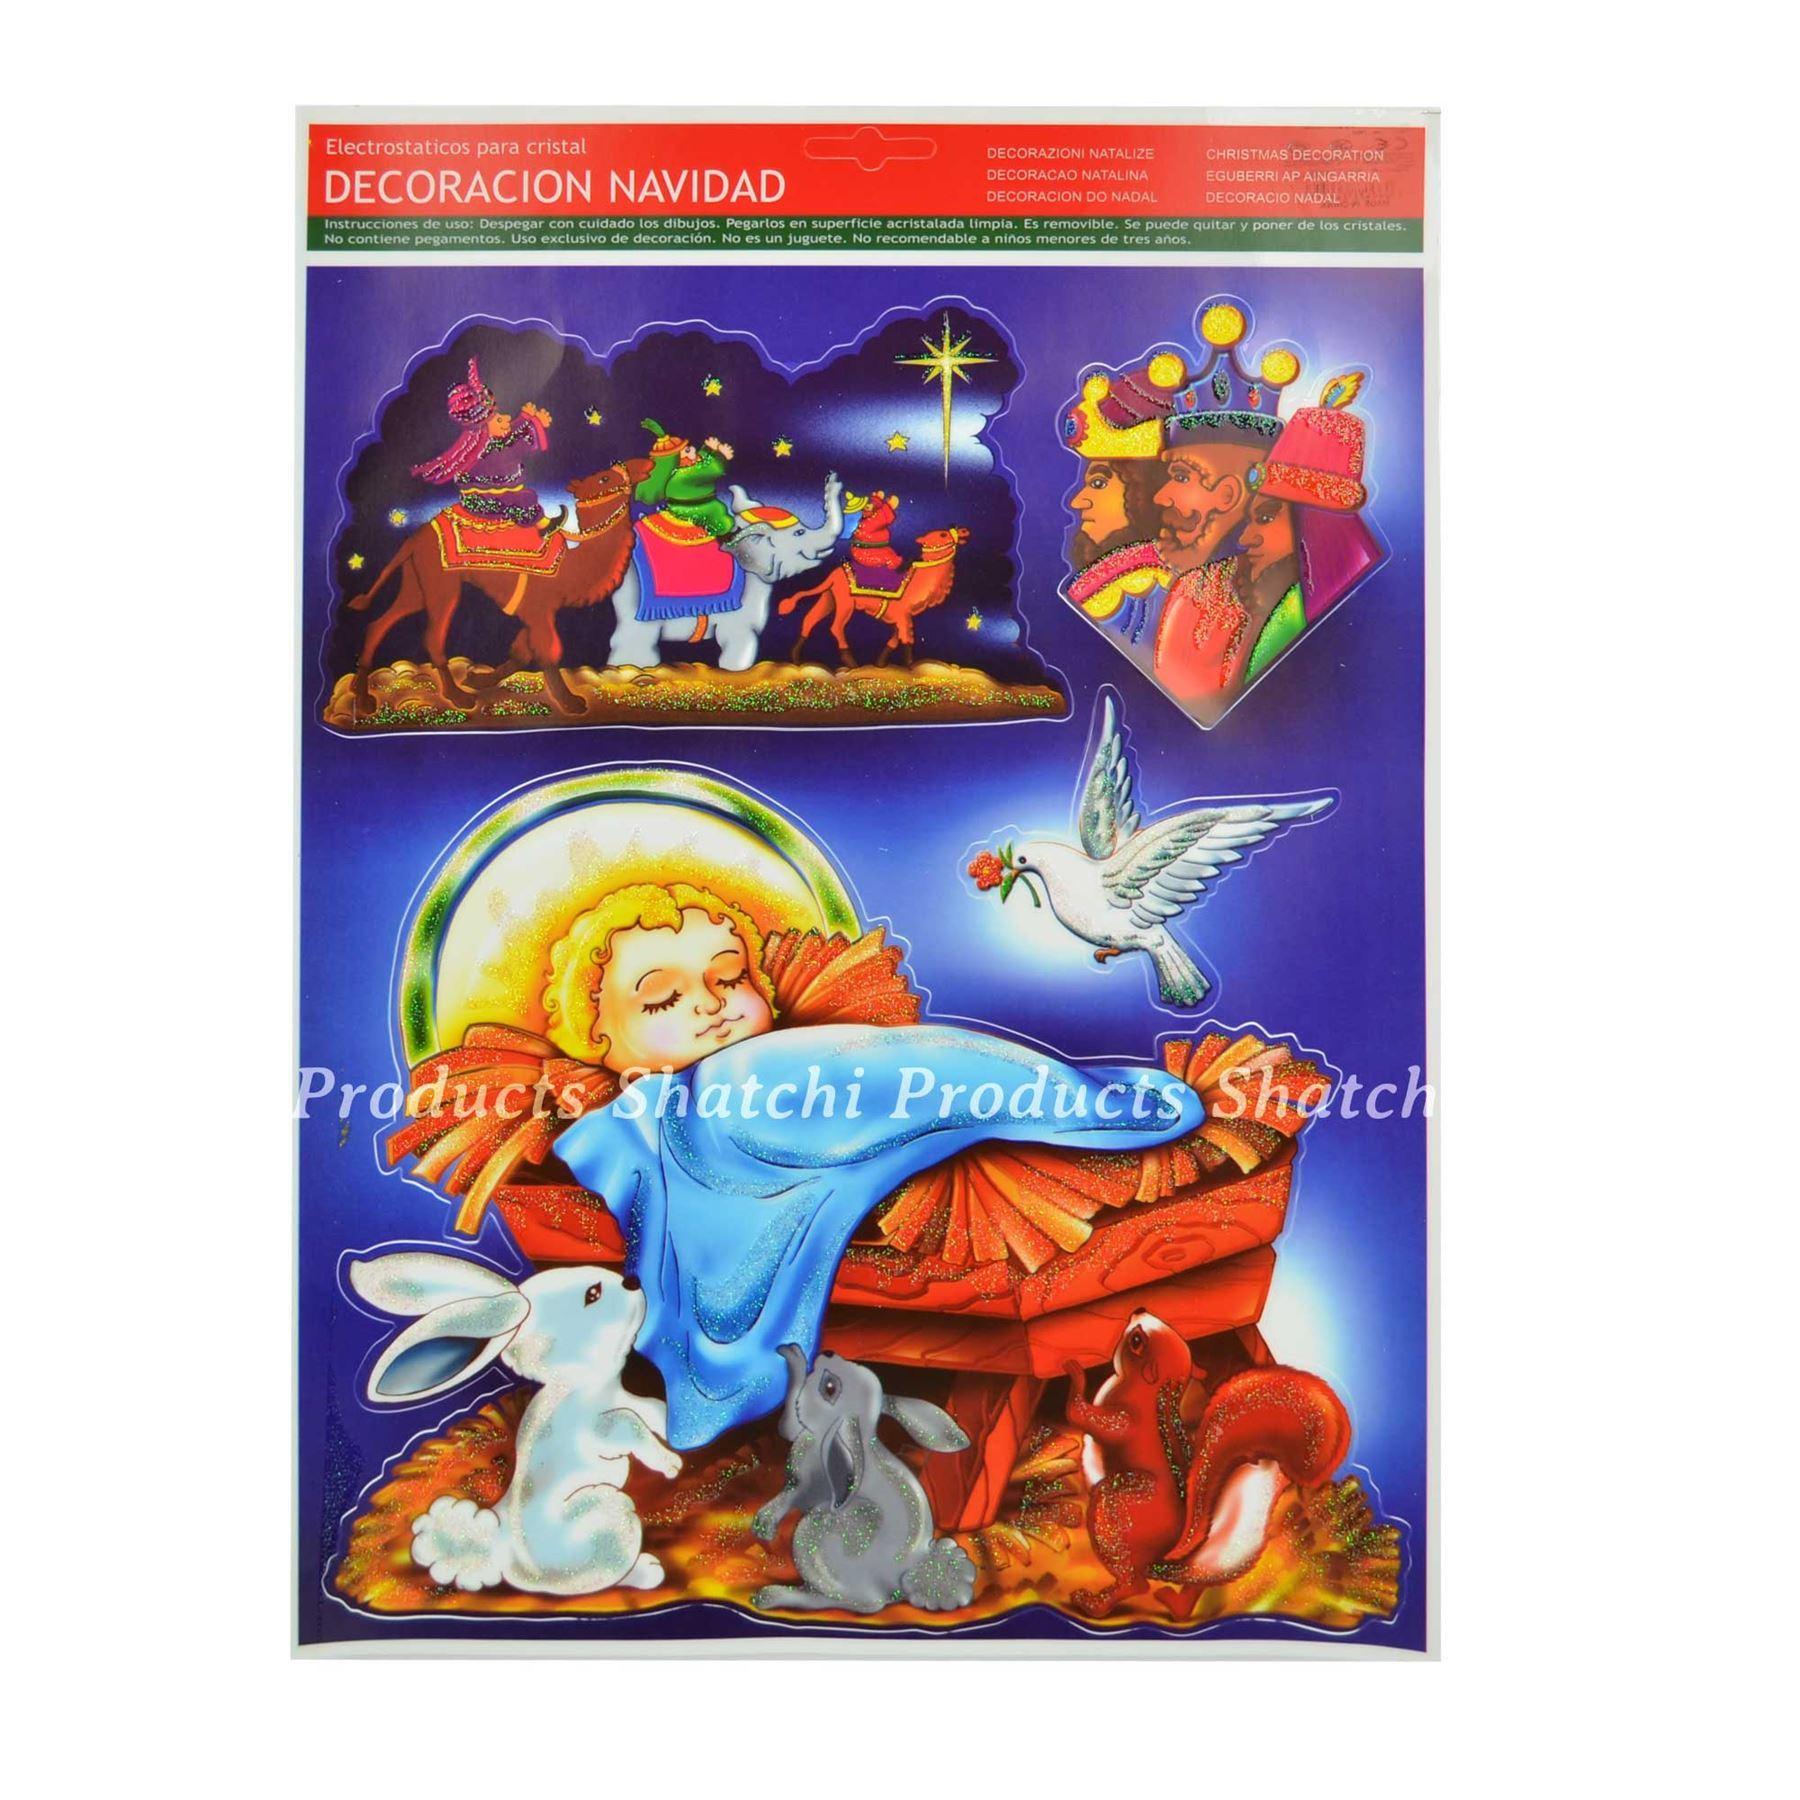 Christmas-Window-Stickers-Snowflakes-Decorations-Xmas-Home-Decor-Religious-Santa thumbnail 9